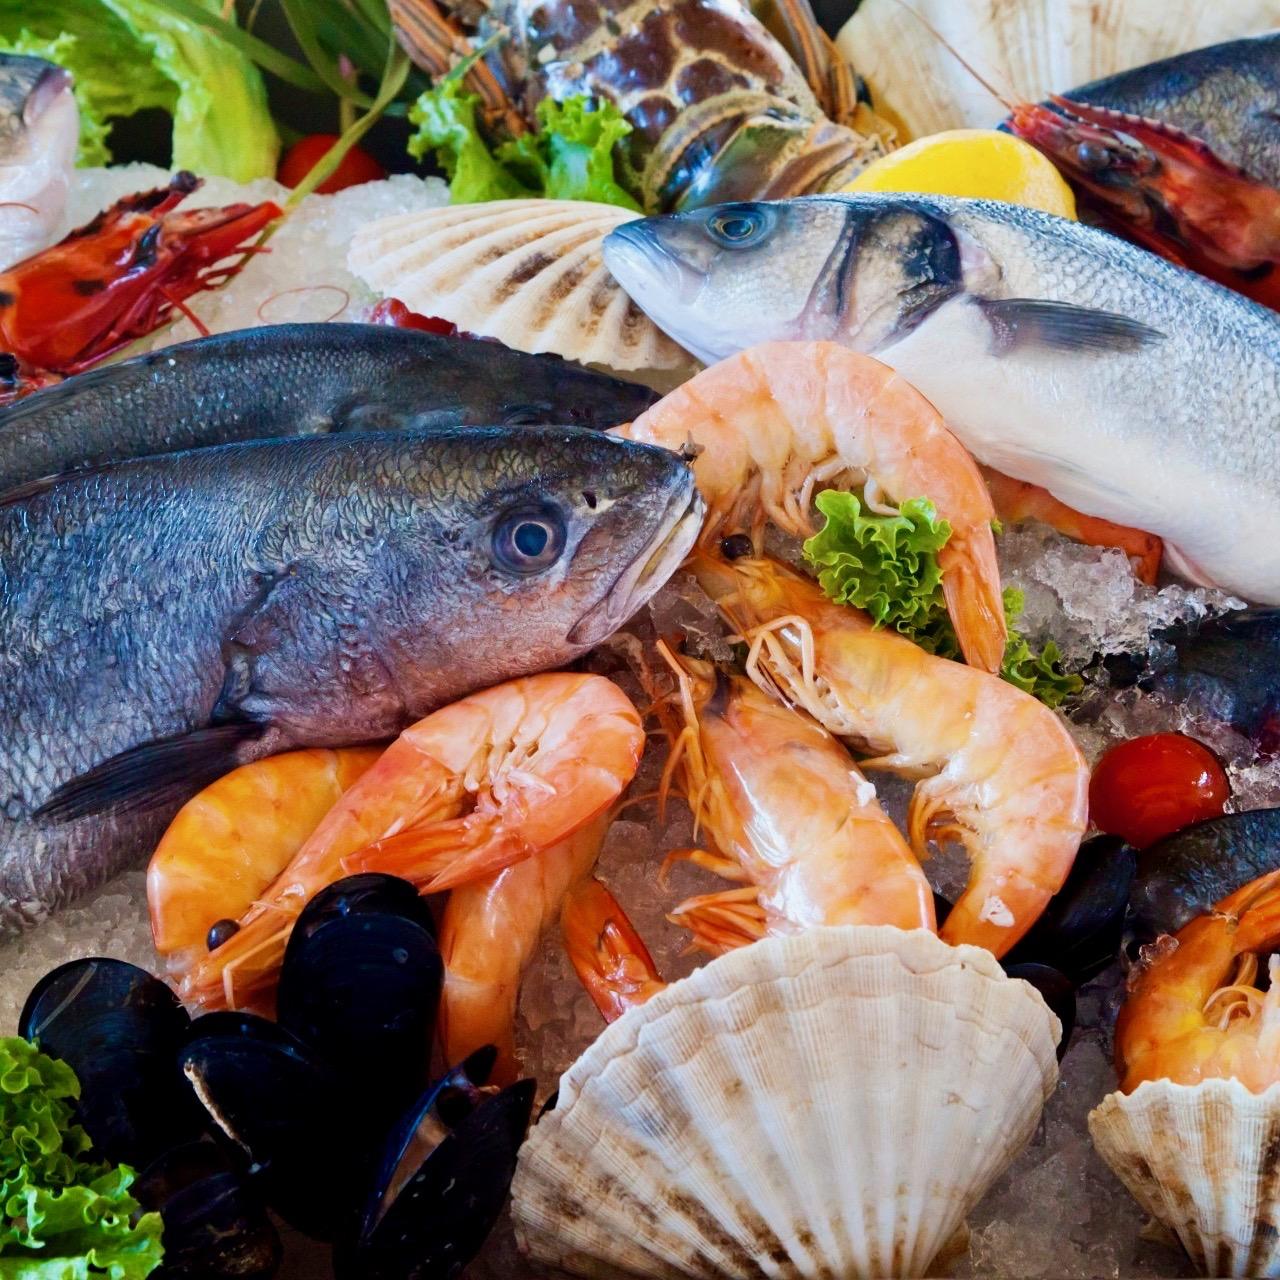 Fisch und Meeresfrüchte sind wichtige Lebensmittel für das Autoimmunprotokoll.